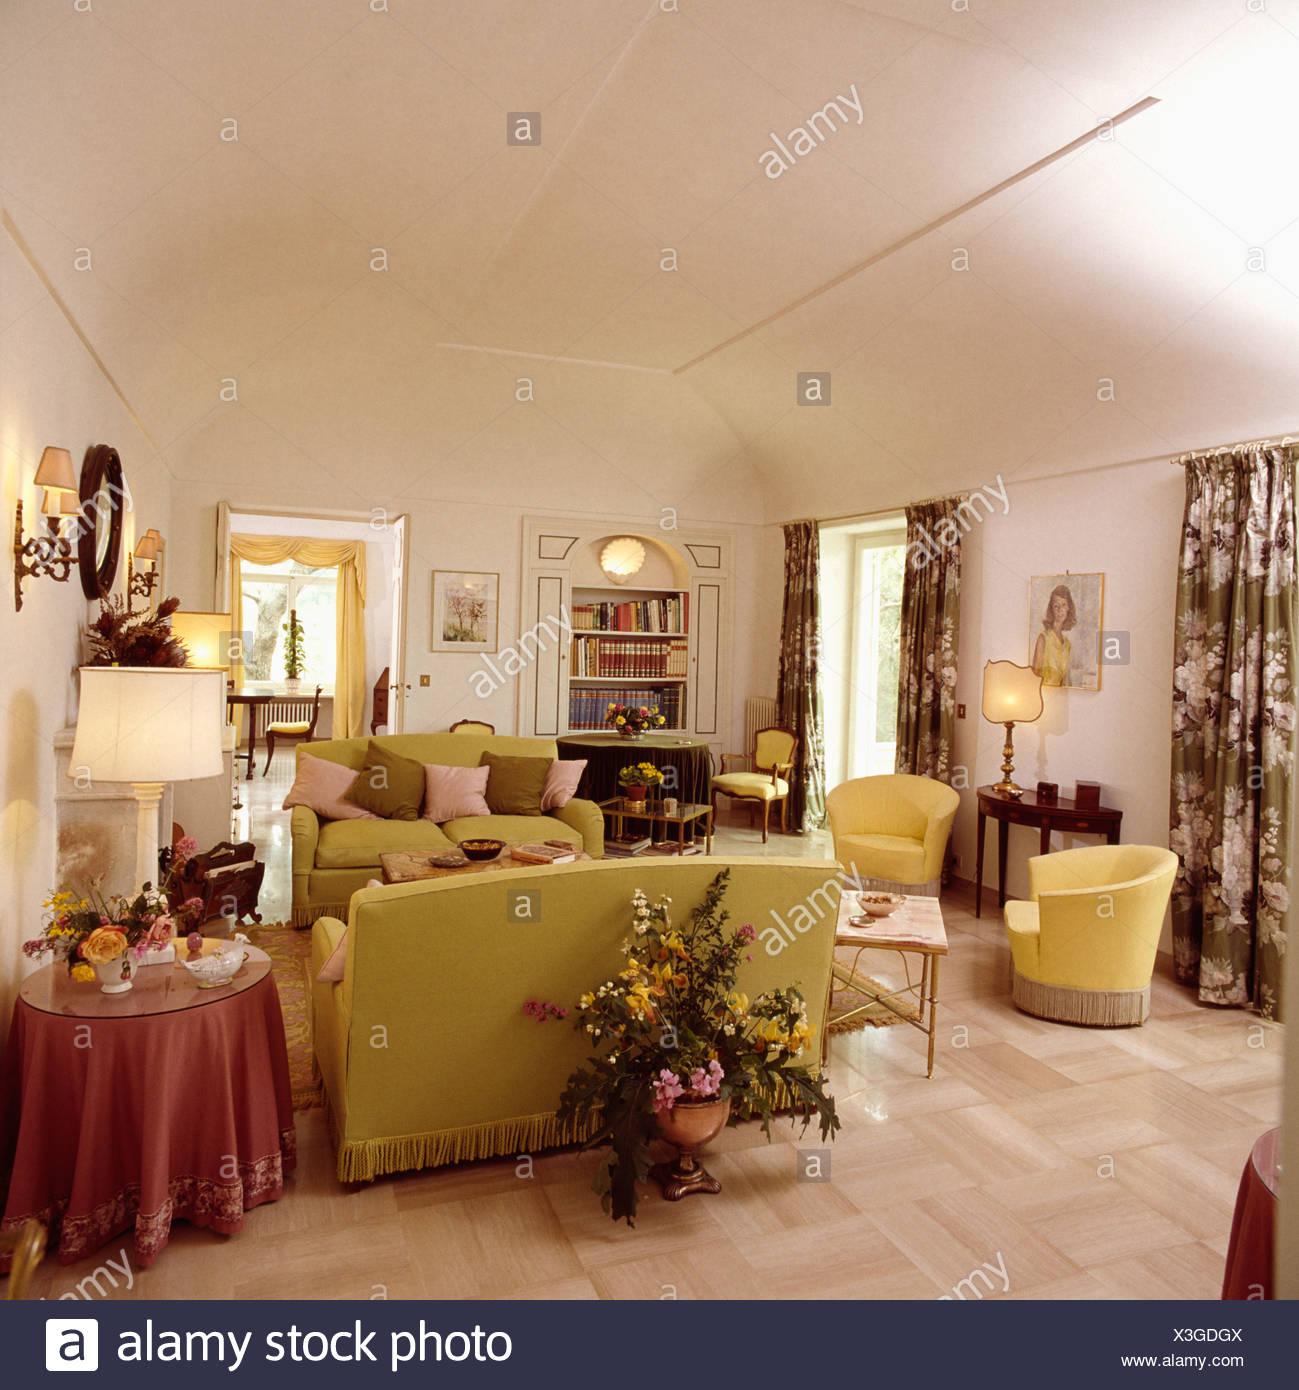 Verzauberkunst Bodenbelag Wohnzimmer Das Beste Von Großen Blumengesteck Hinter Sofa Im Weiße 80er